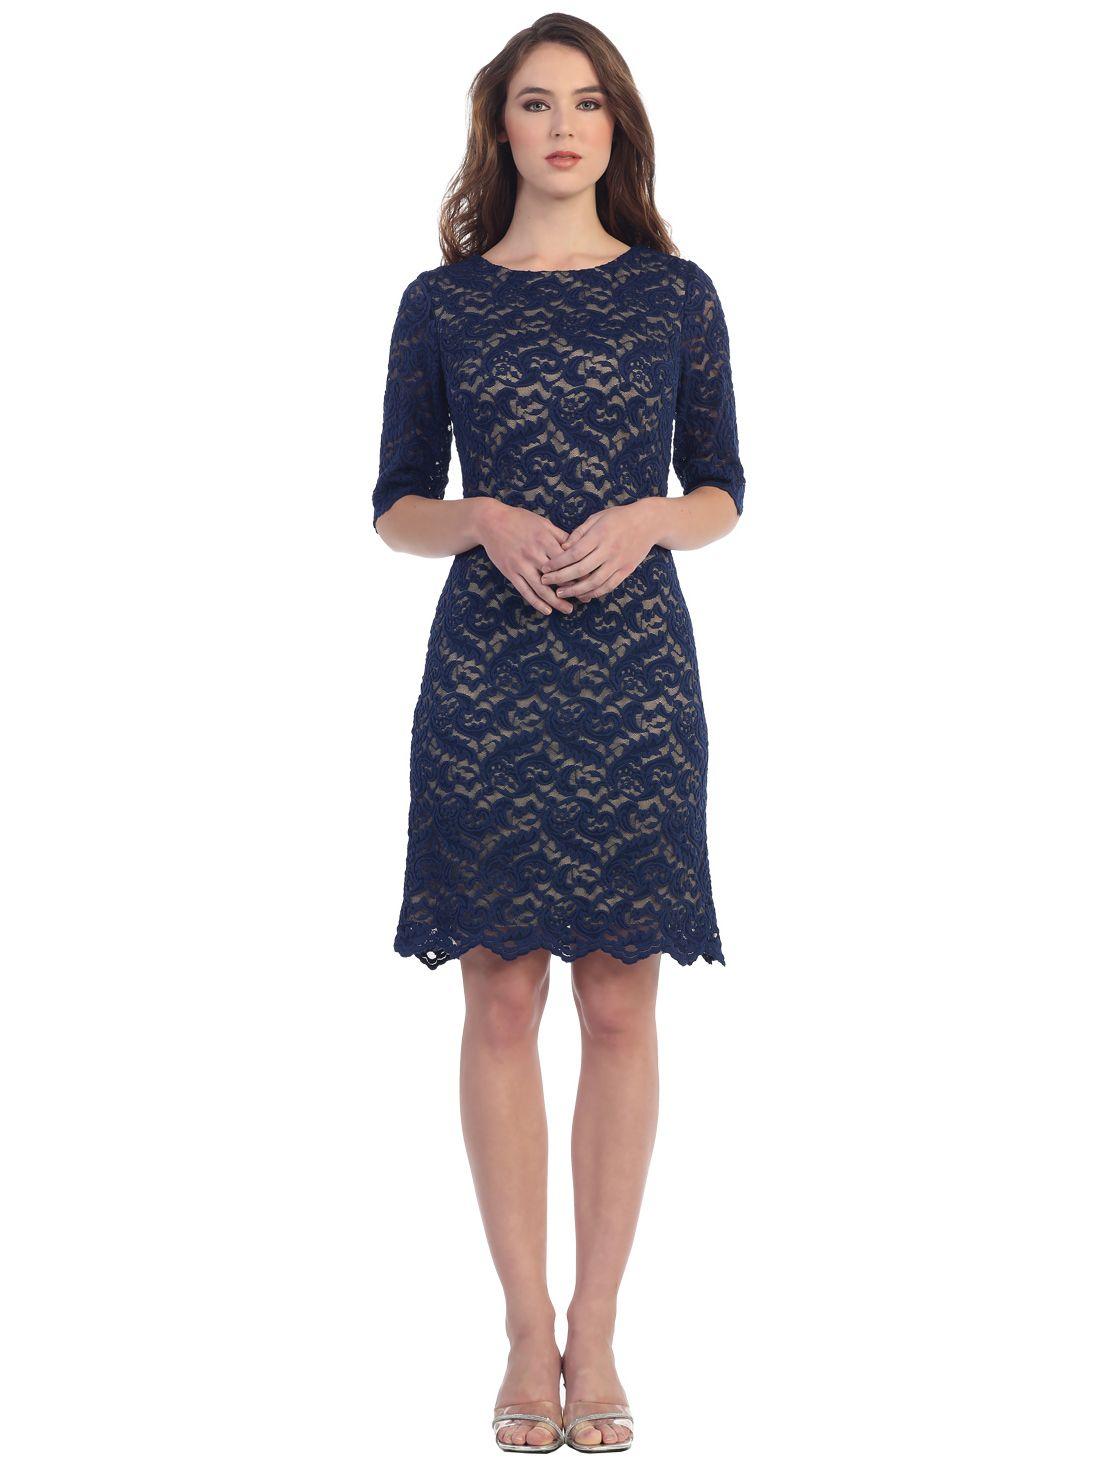 quarter sleeve cocktail dress xl color dress pinterest lace